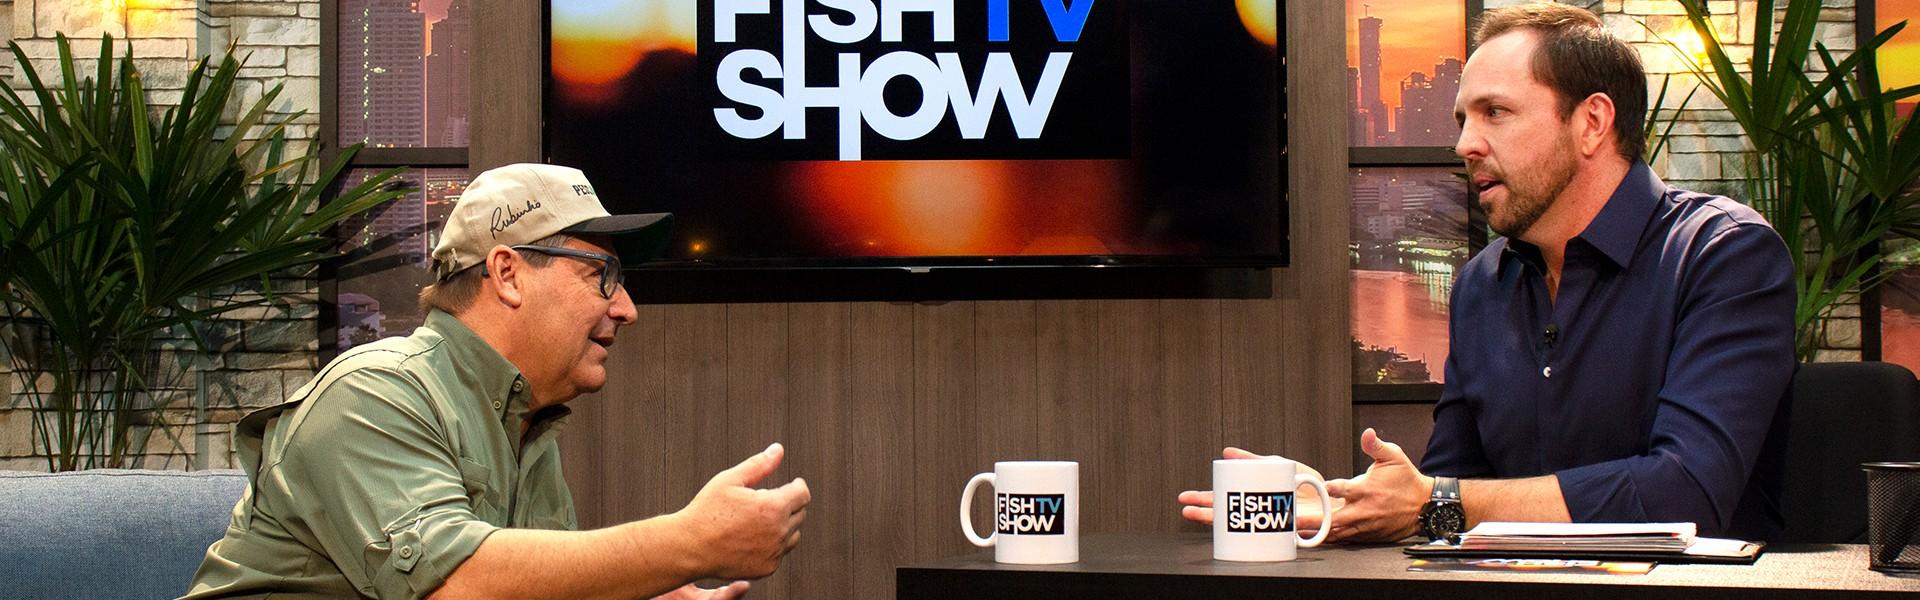 Fish TV Show estreia primeira temporada hoje na TV